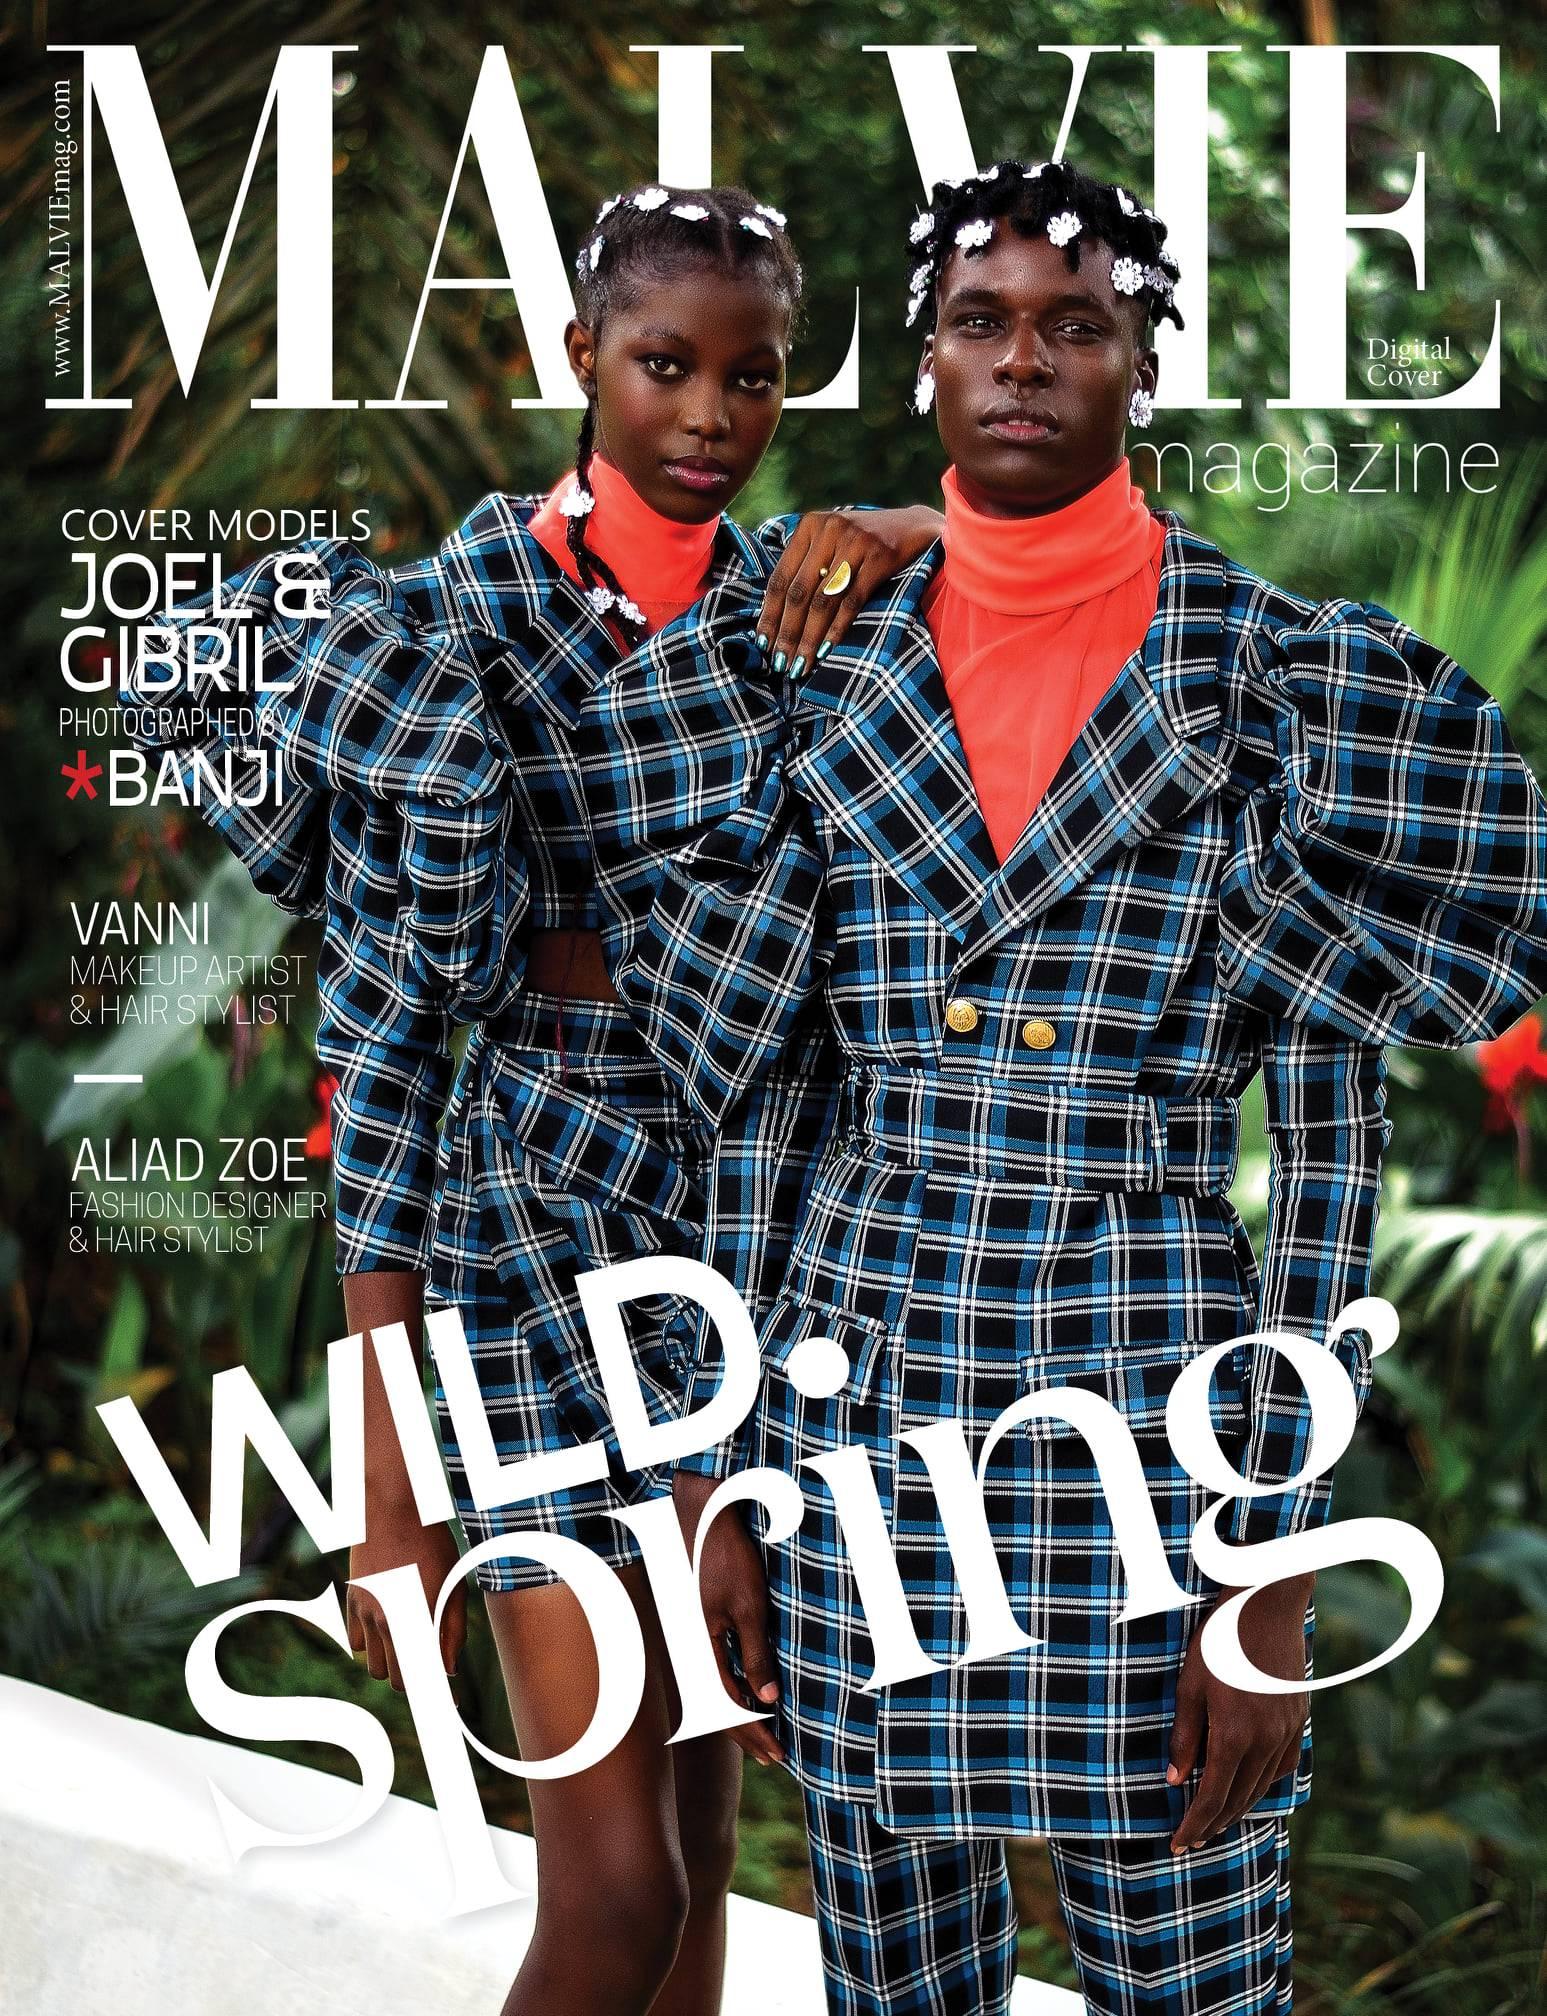 MALVIE MAGAZINE // GIBRIL IGALE & JOEL MULENZI